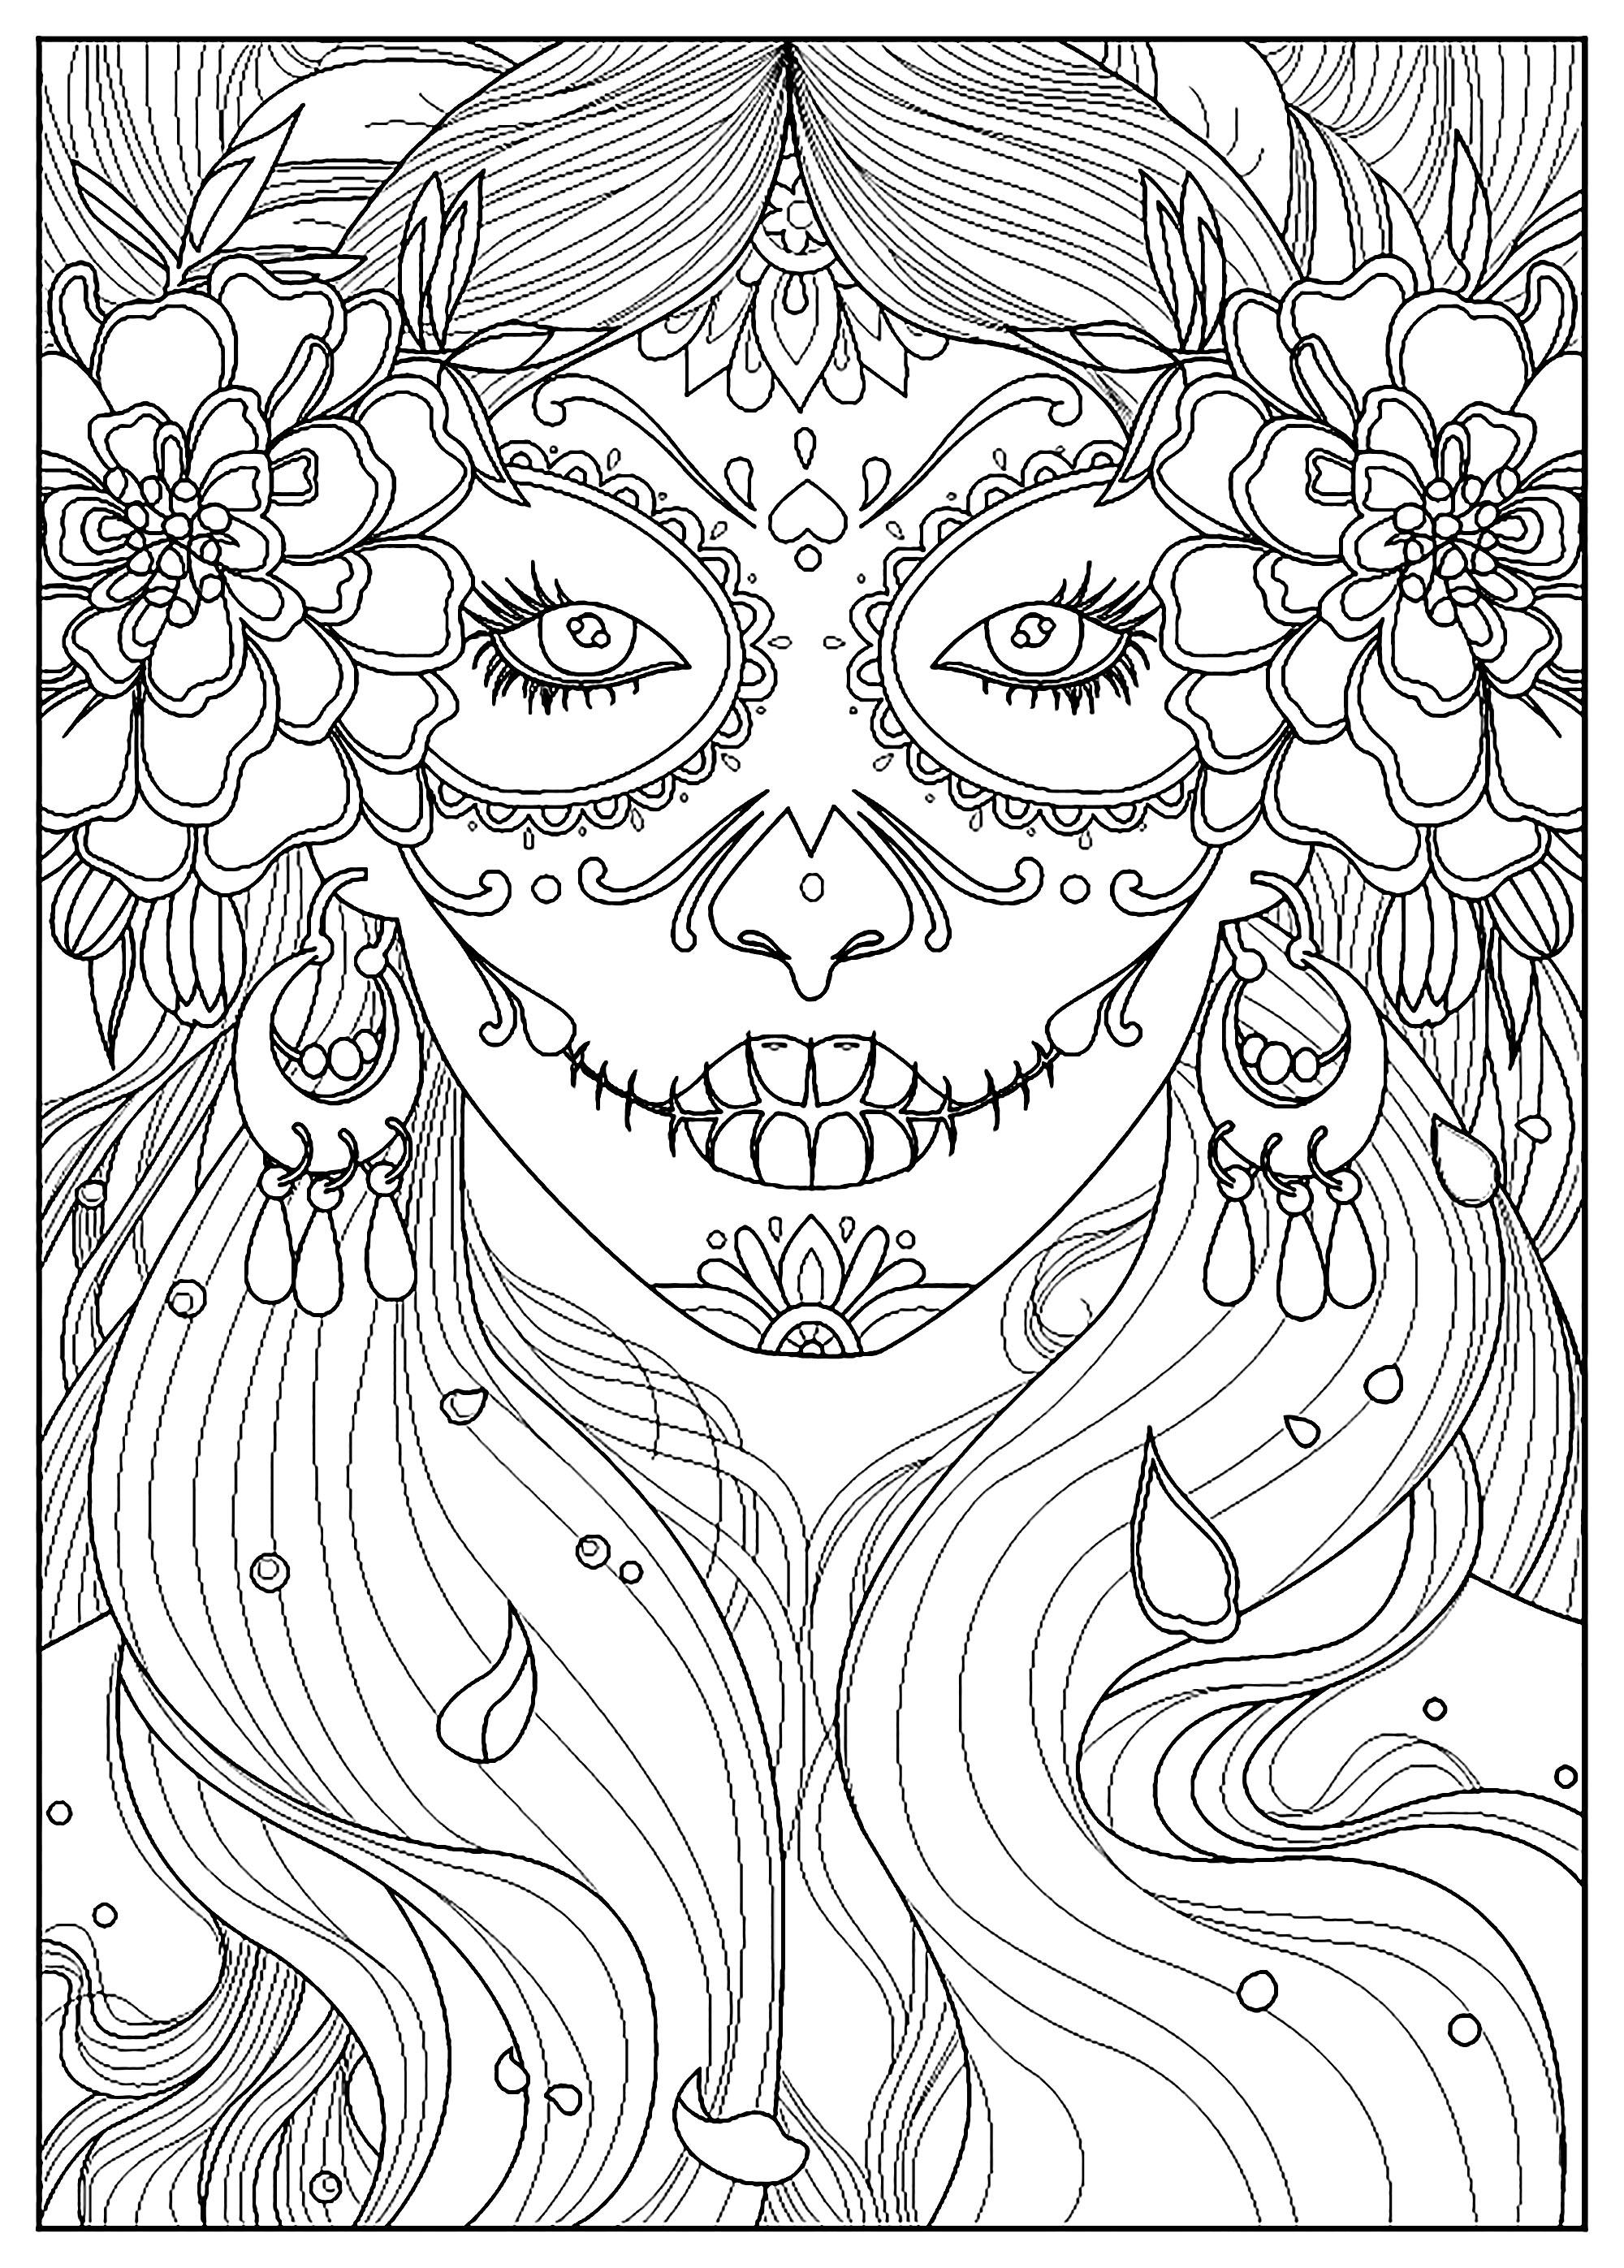 Disegni da colorare per adulti : El Dia De Los Muertos - 9